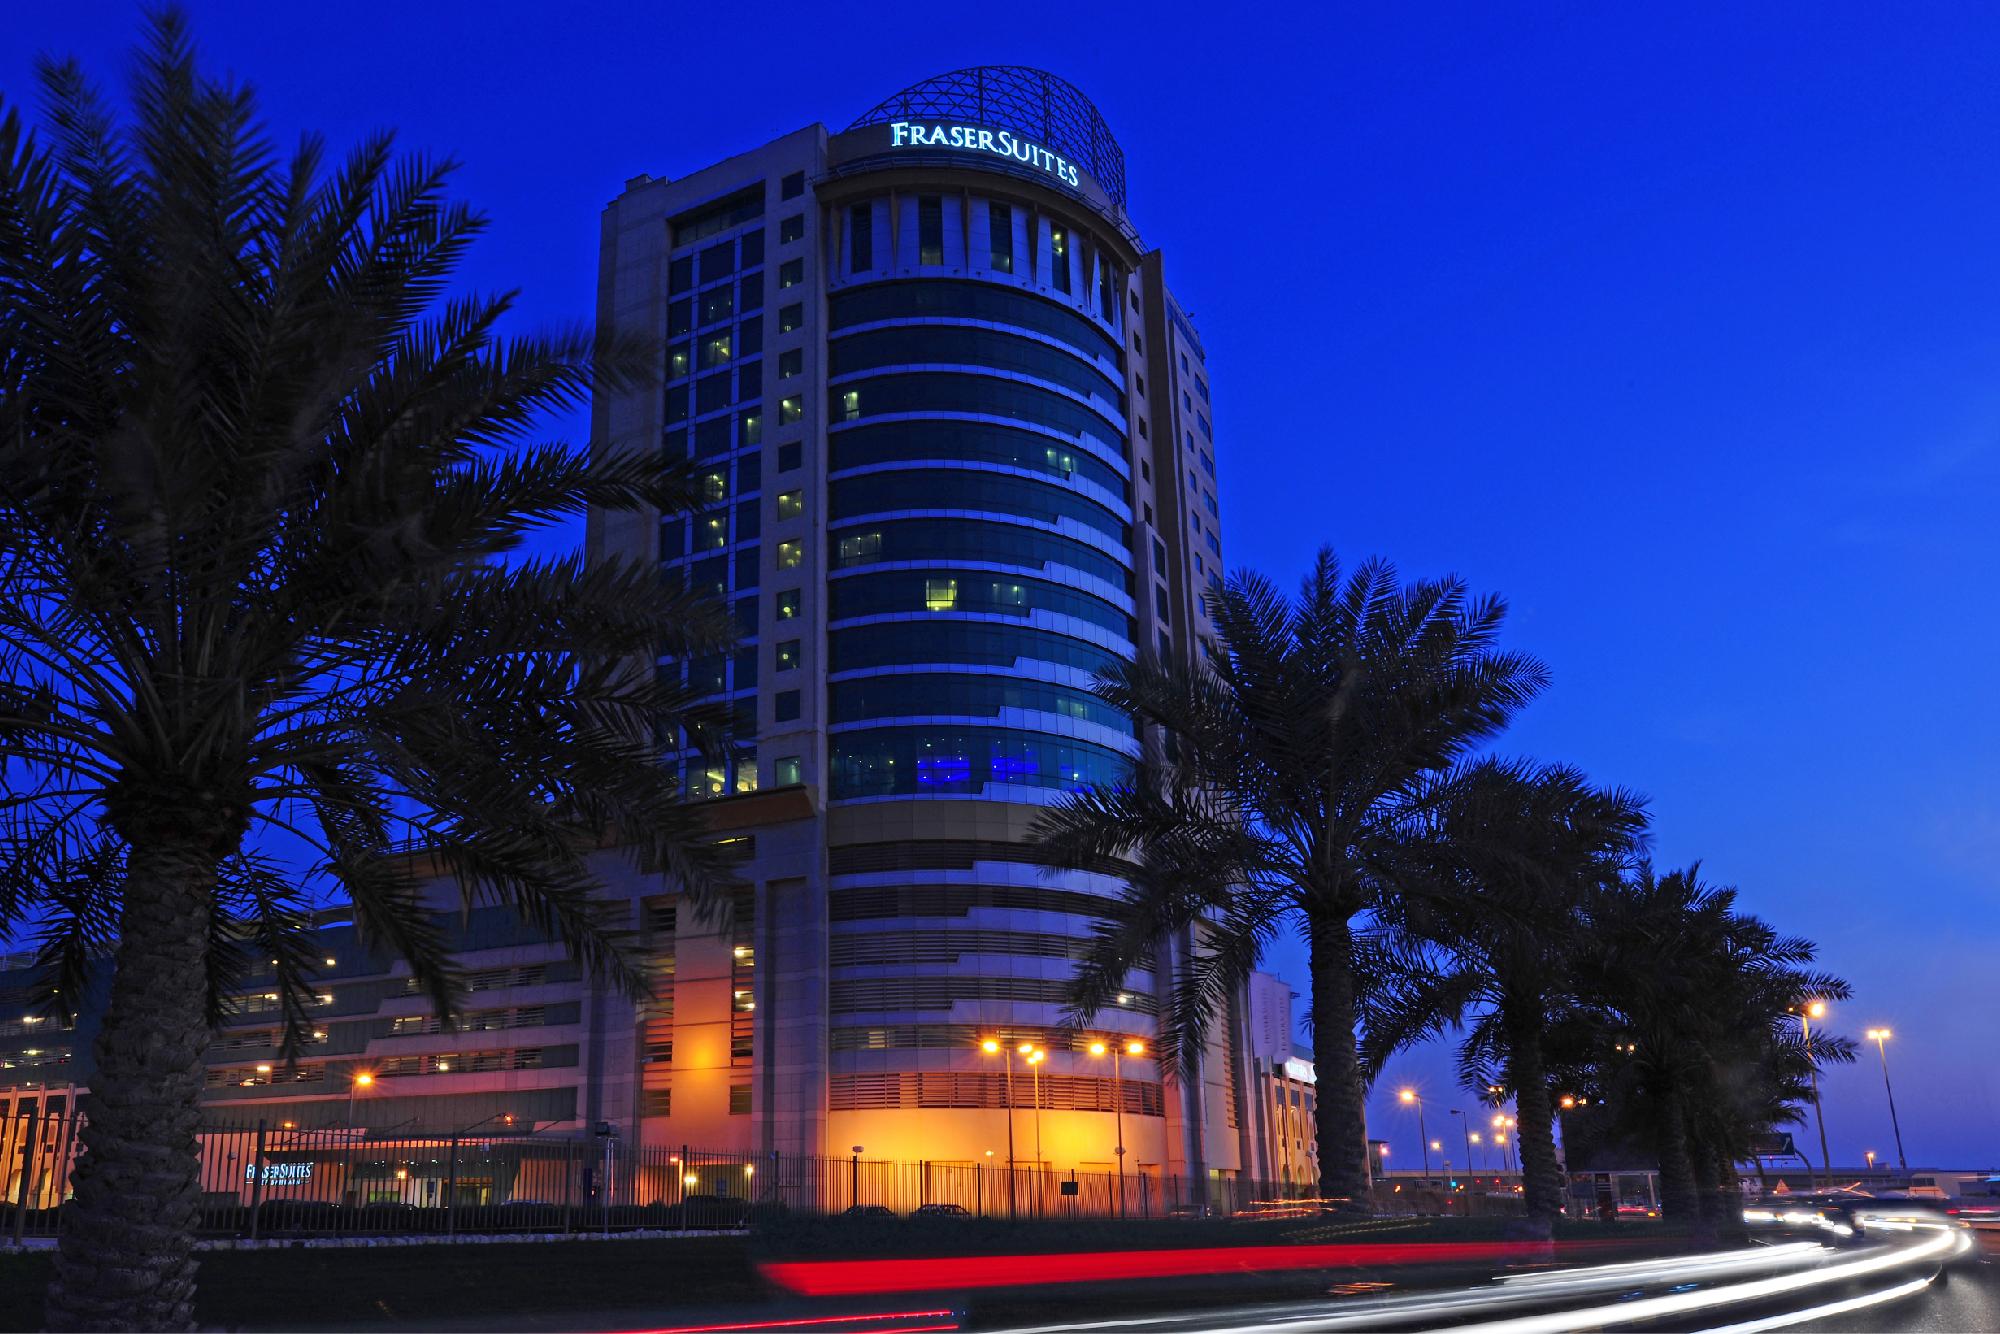 Fraser Suites Seef, Bahrain